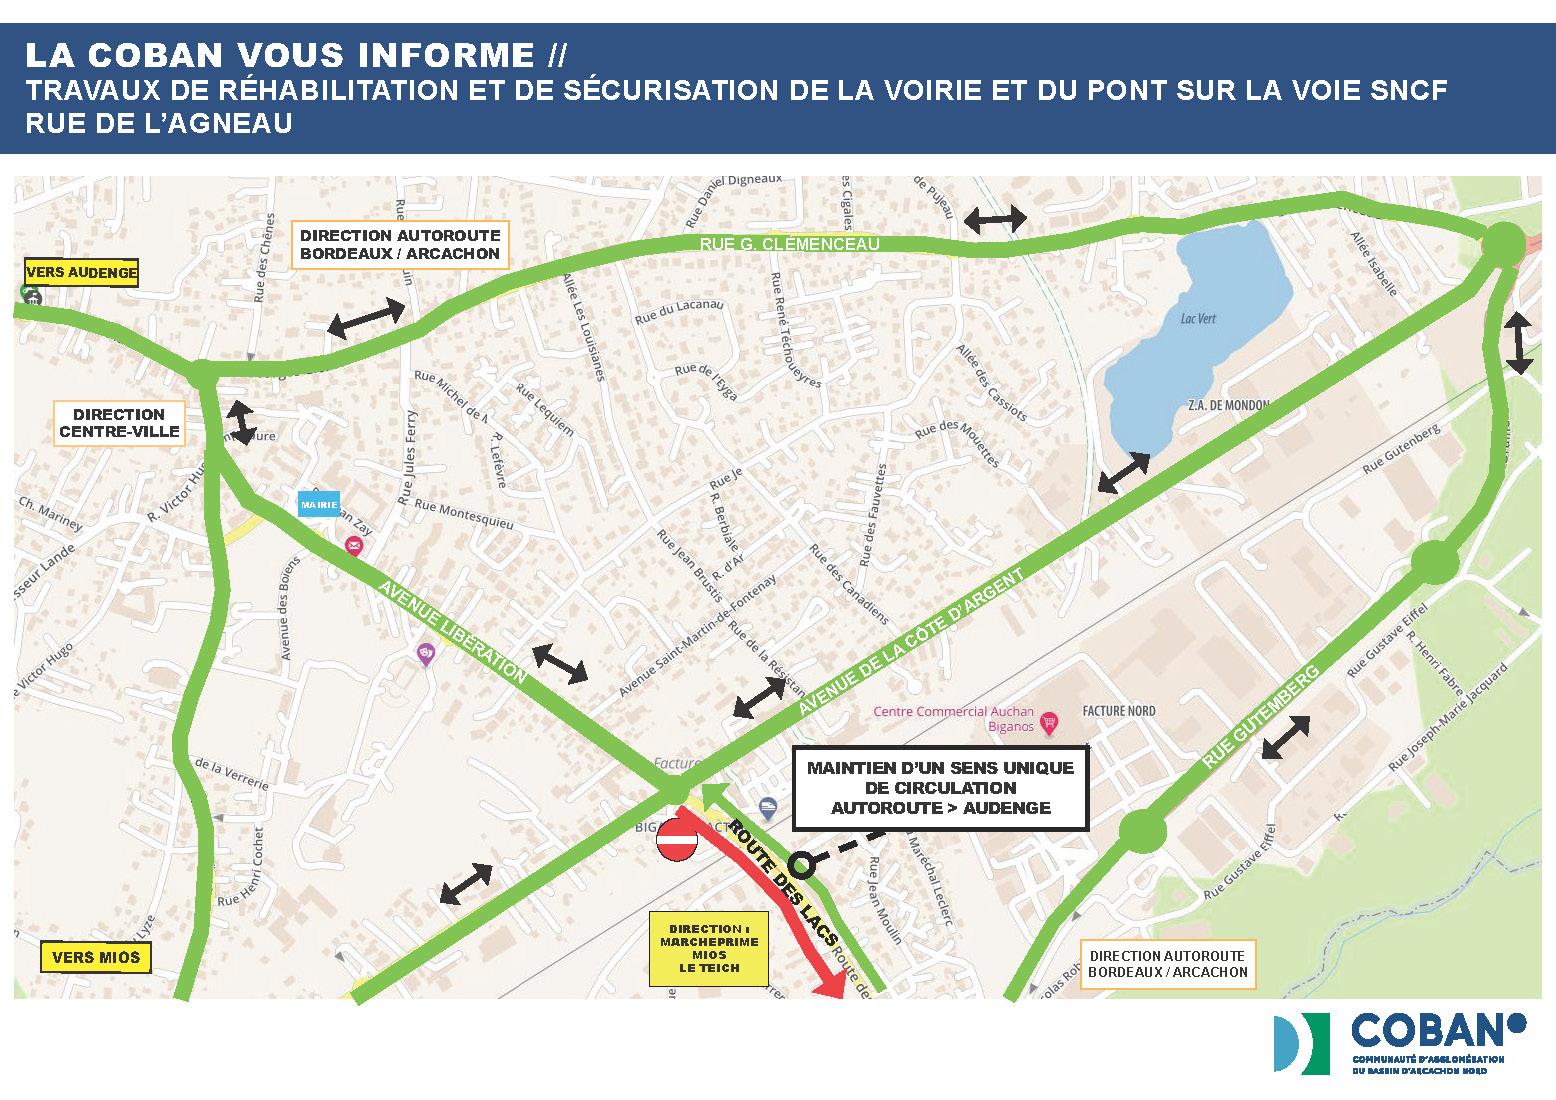 Plan de déviation COBAN - Travaux réhabilitation et sécurisation voirie et pont Agneau BIGANOS